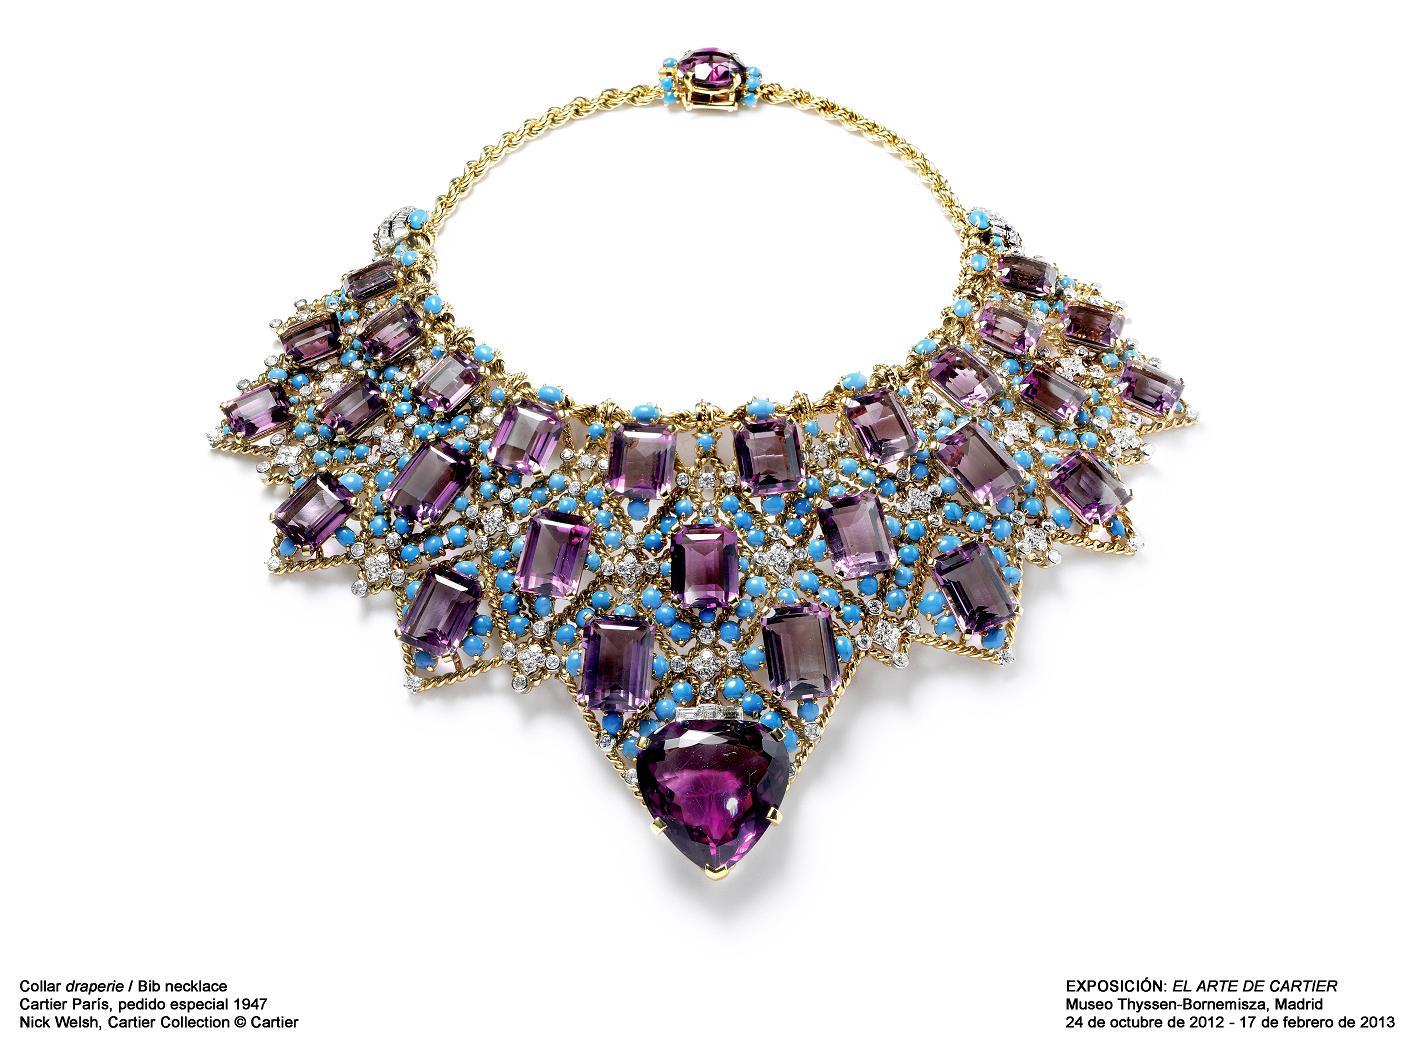 cartier jewelry, cartier desings, elajoyas, cartier exhibition